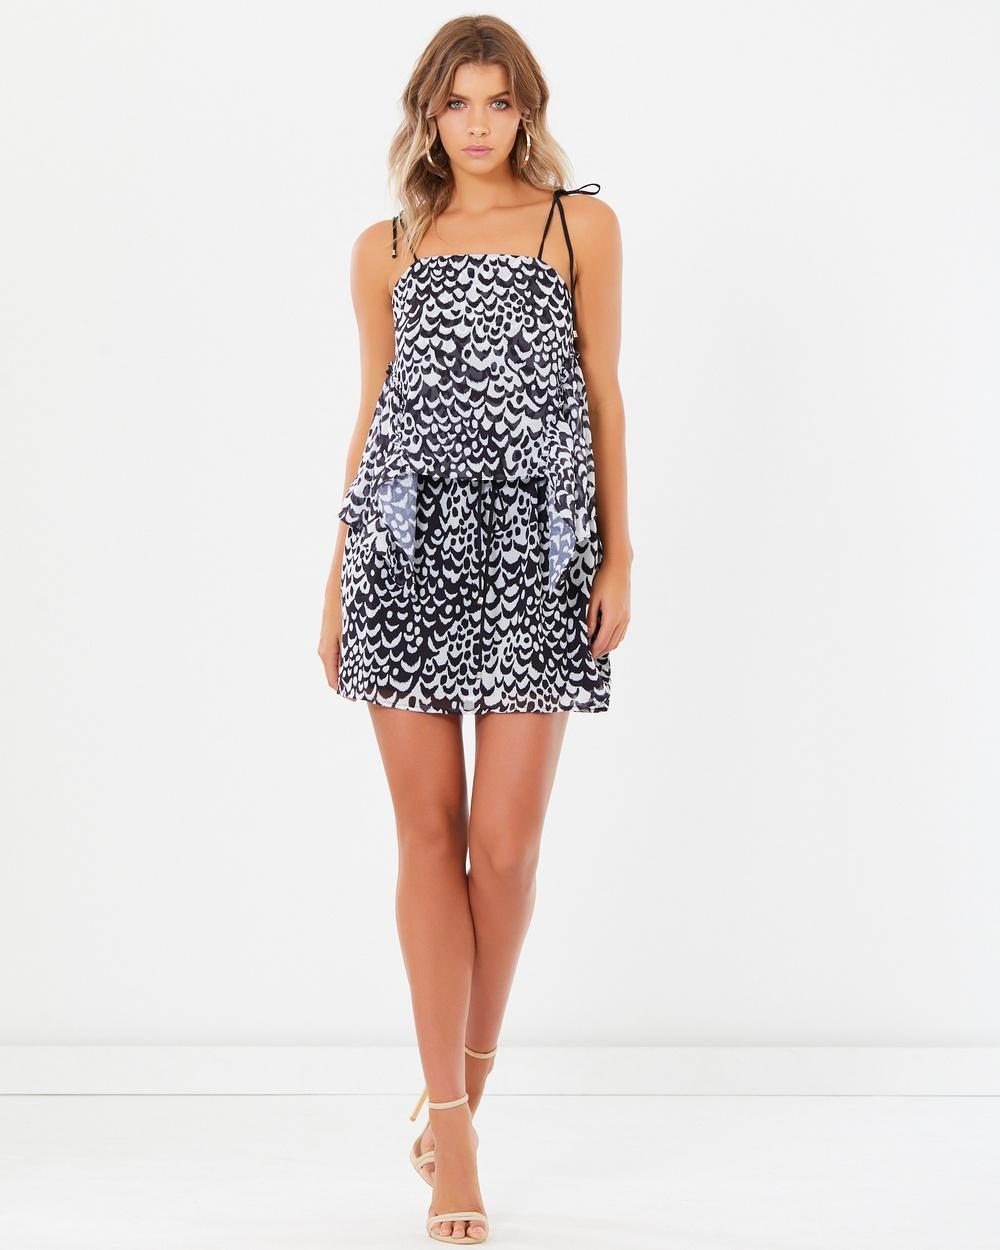 Tussah Rebekah Ruffle Dress Printed Dresses Wild Nature Print Rebekah Ruffle Dress